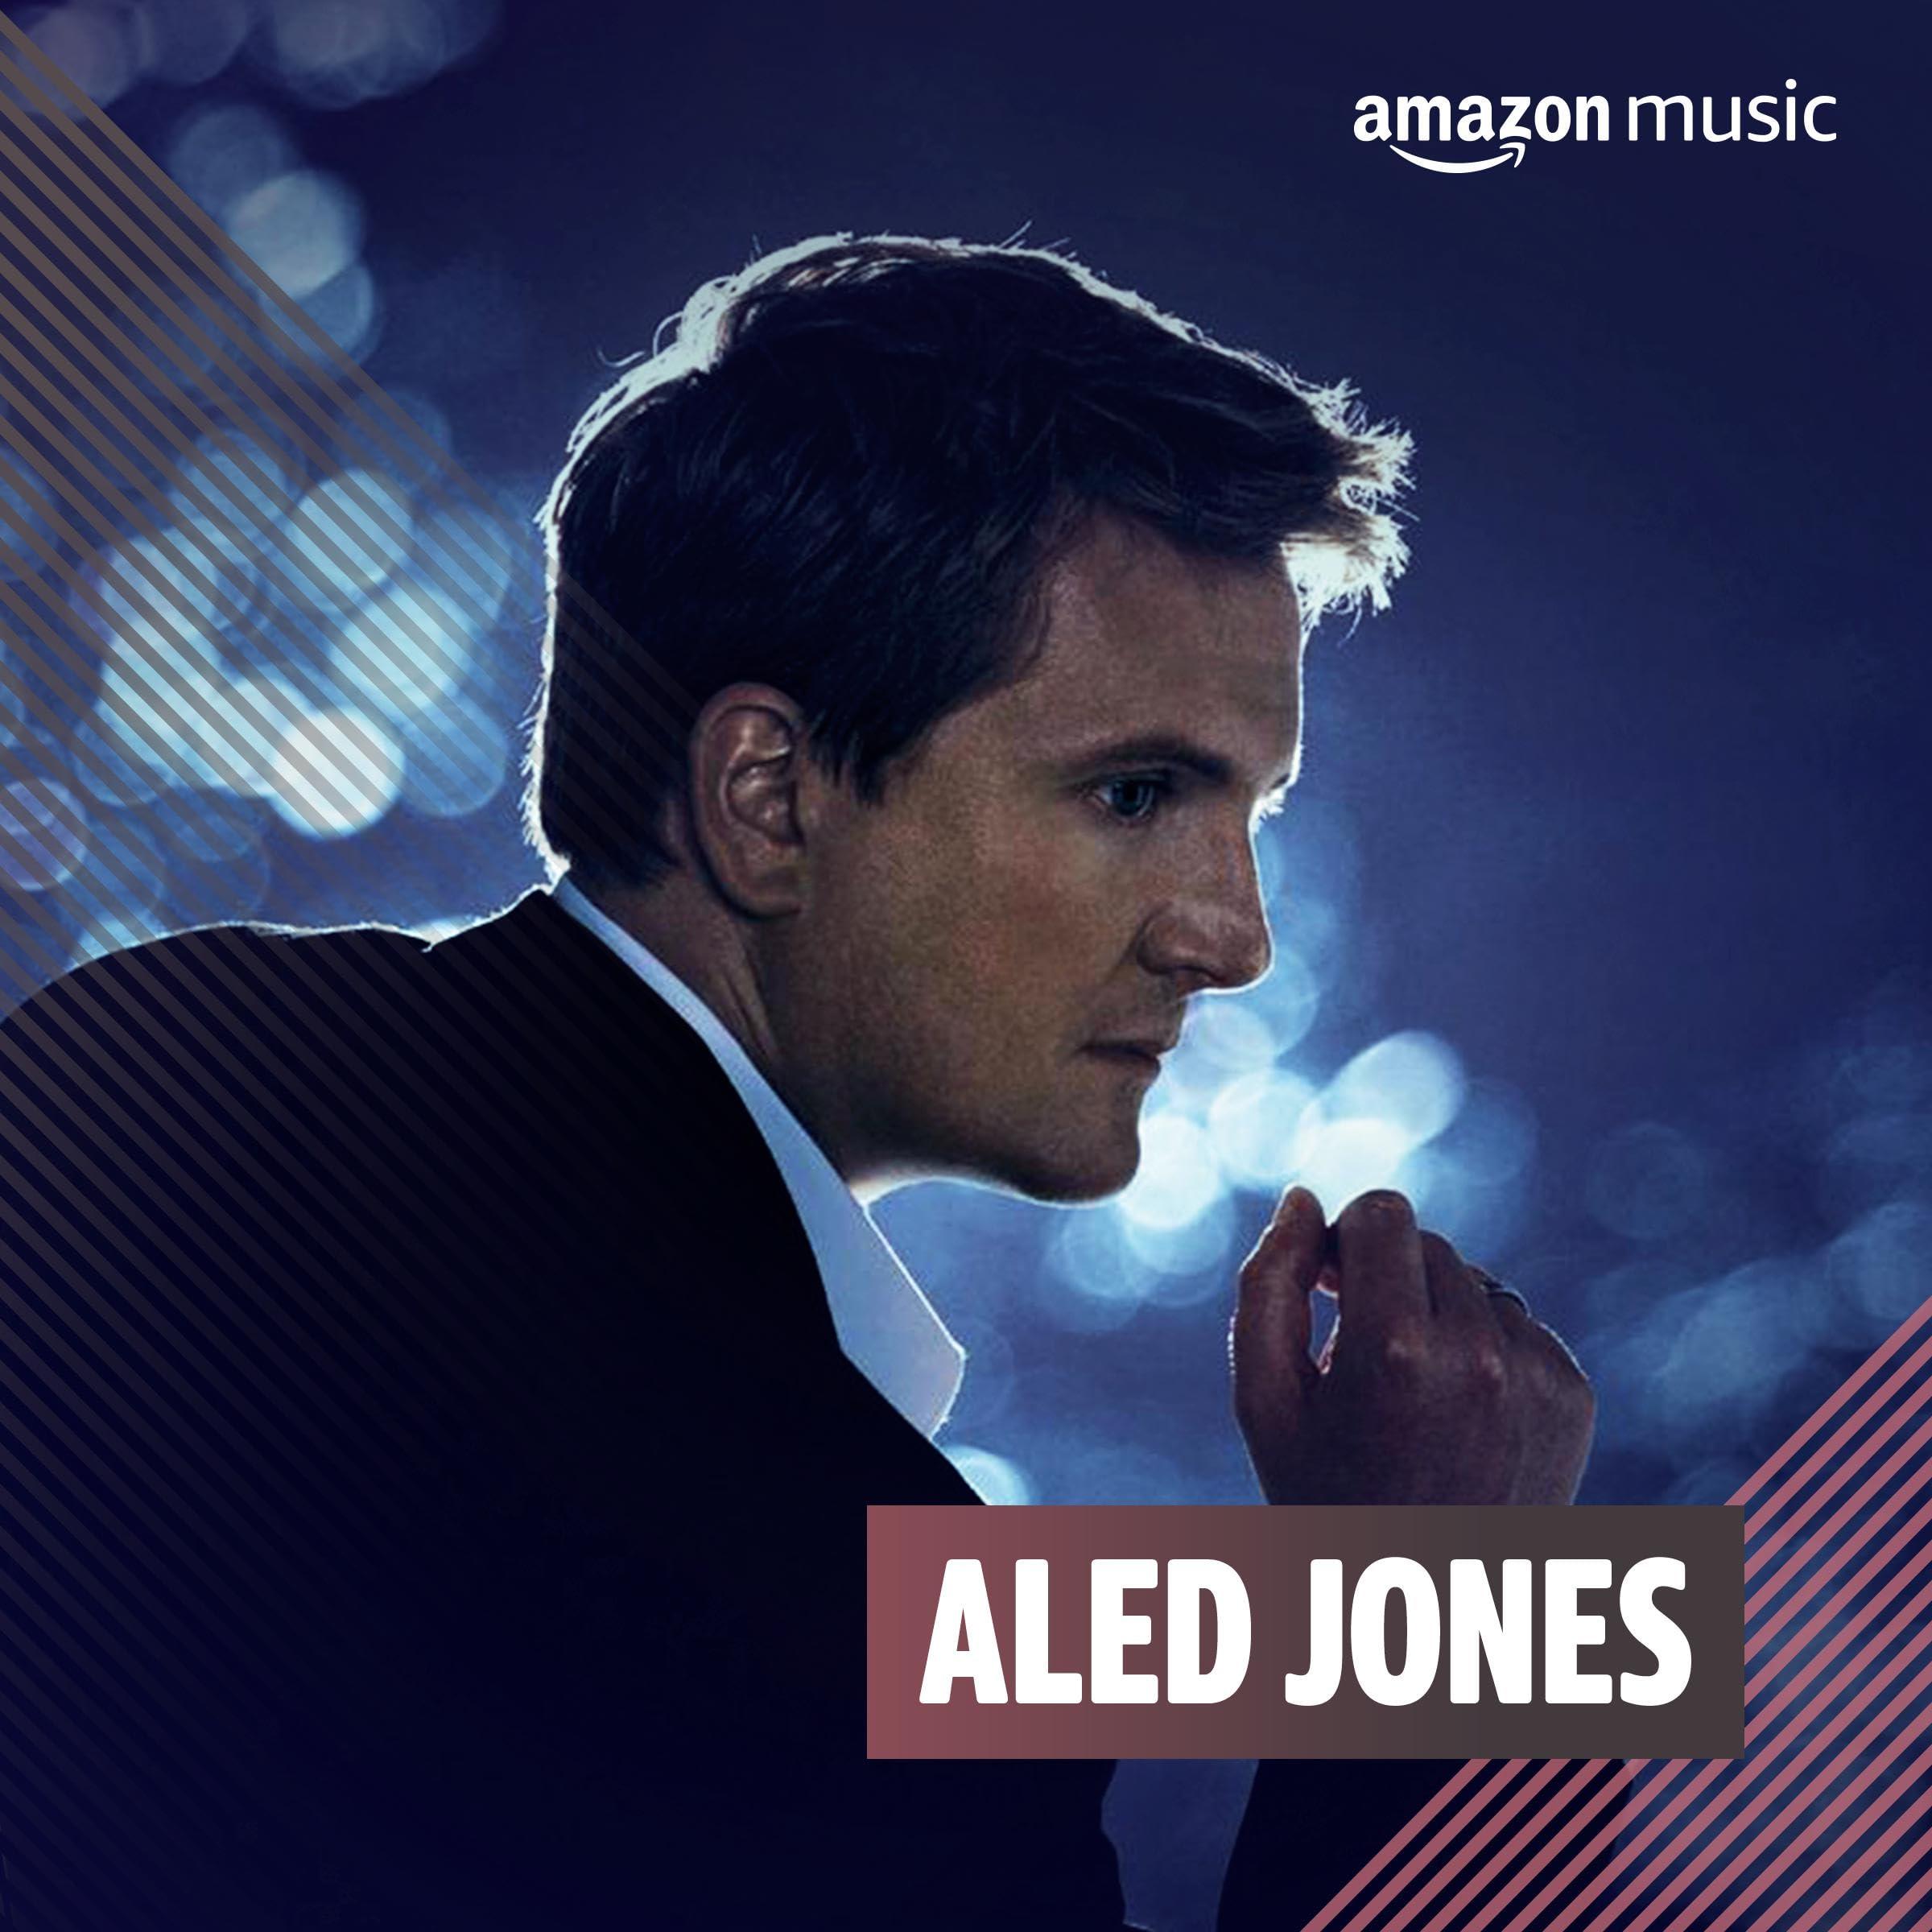 Aled Jones